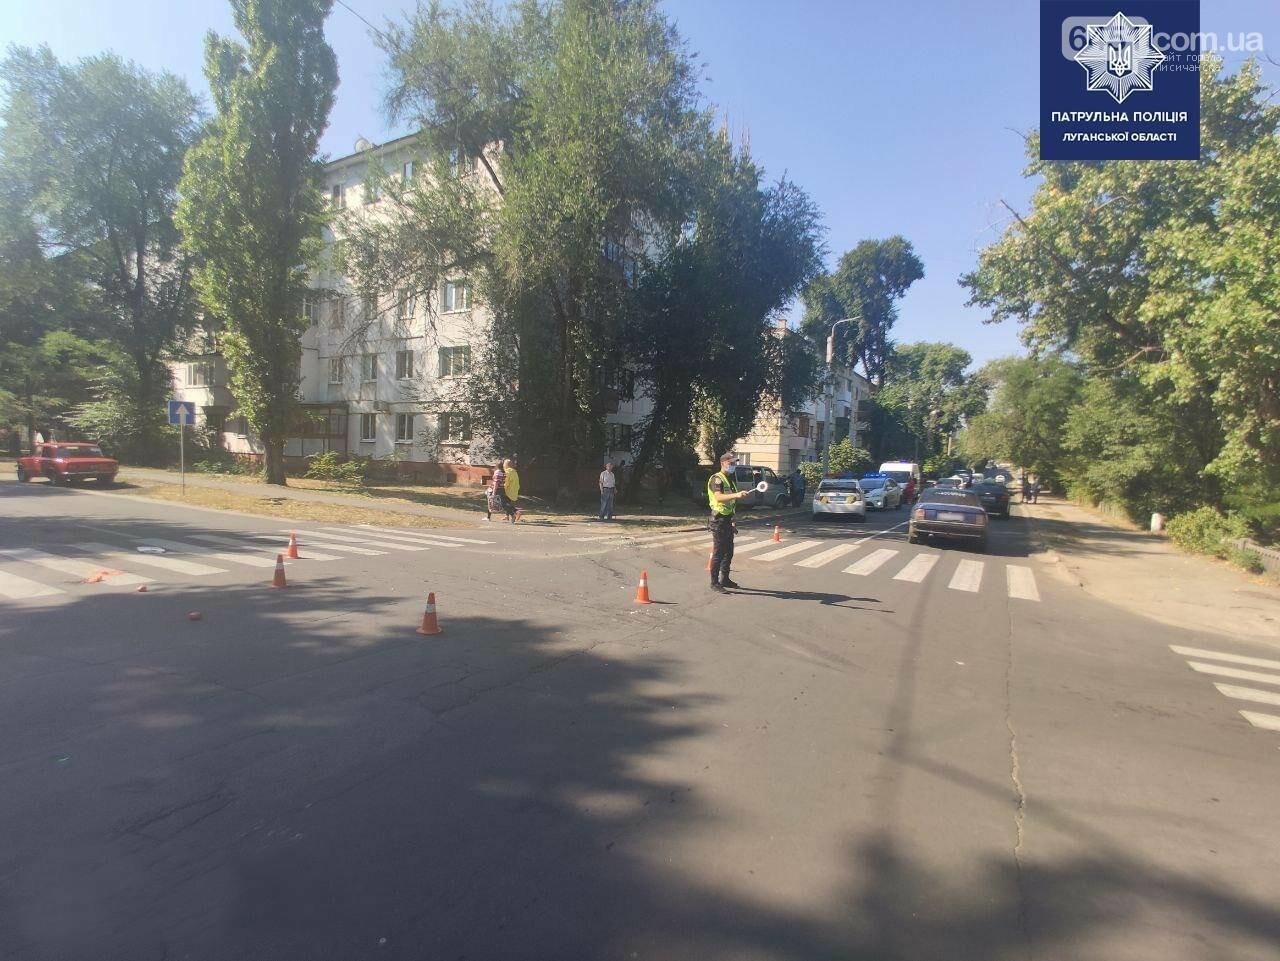 В Северодонецке произошла авария: есть пострадавшие, фото-2